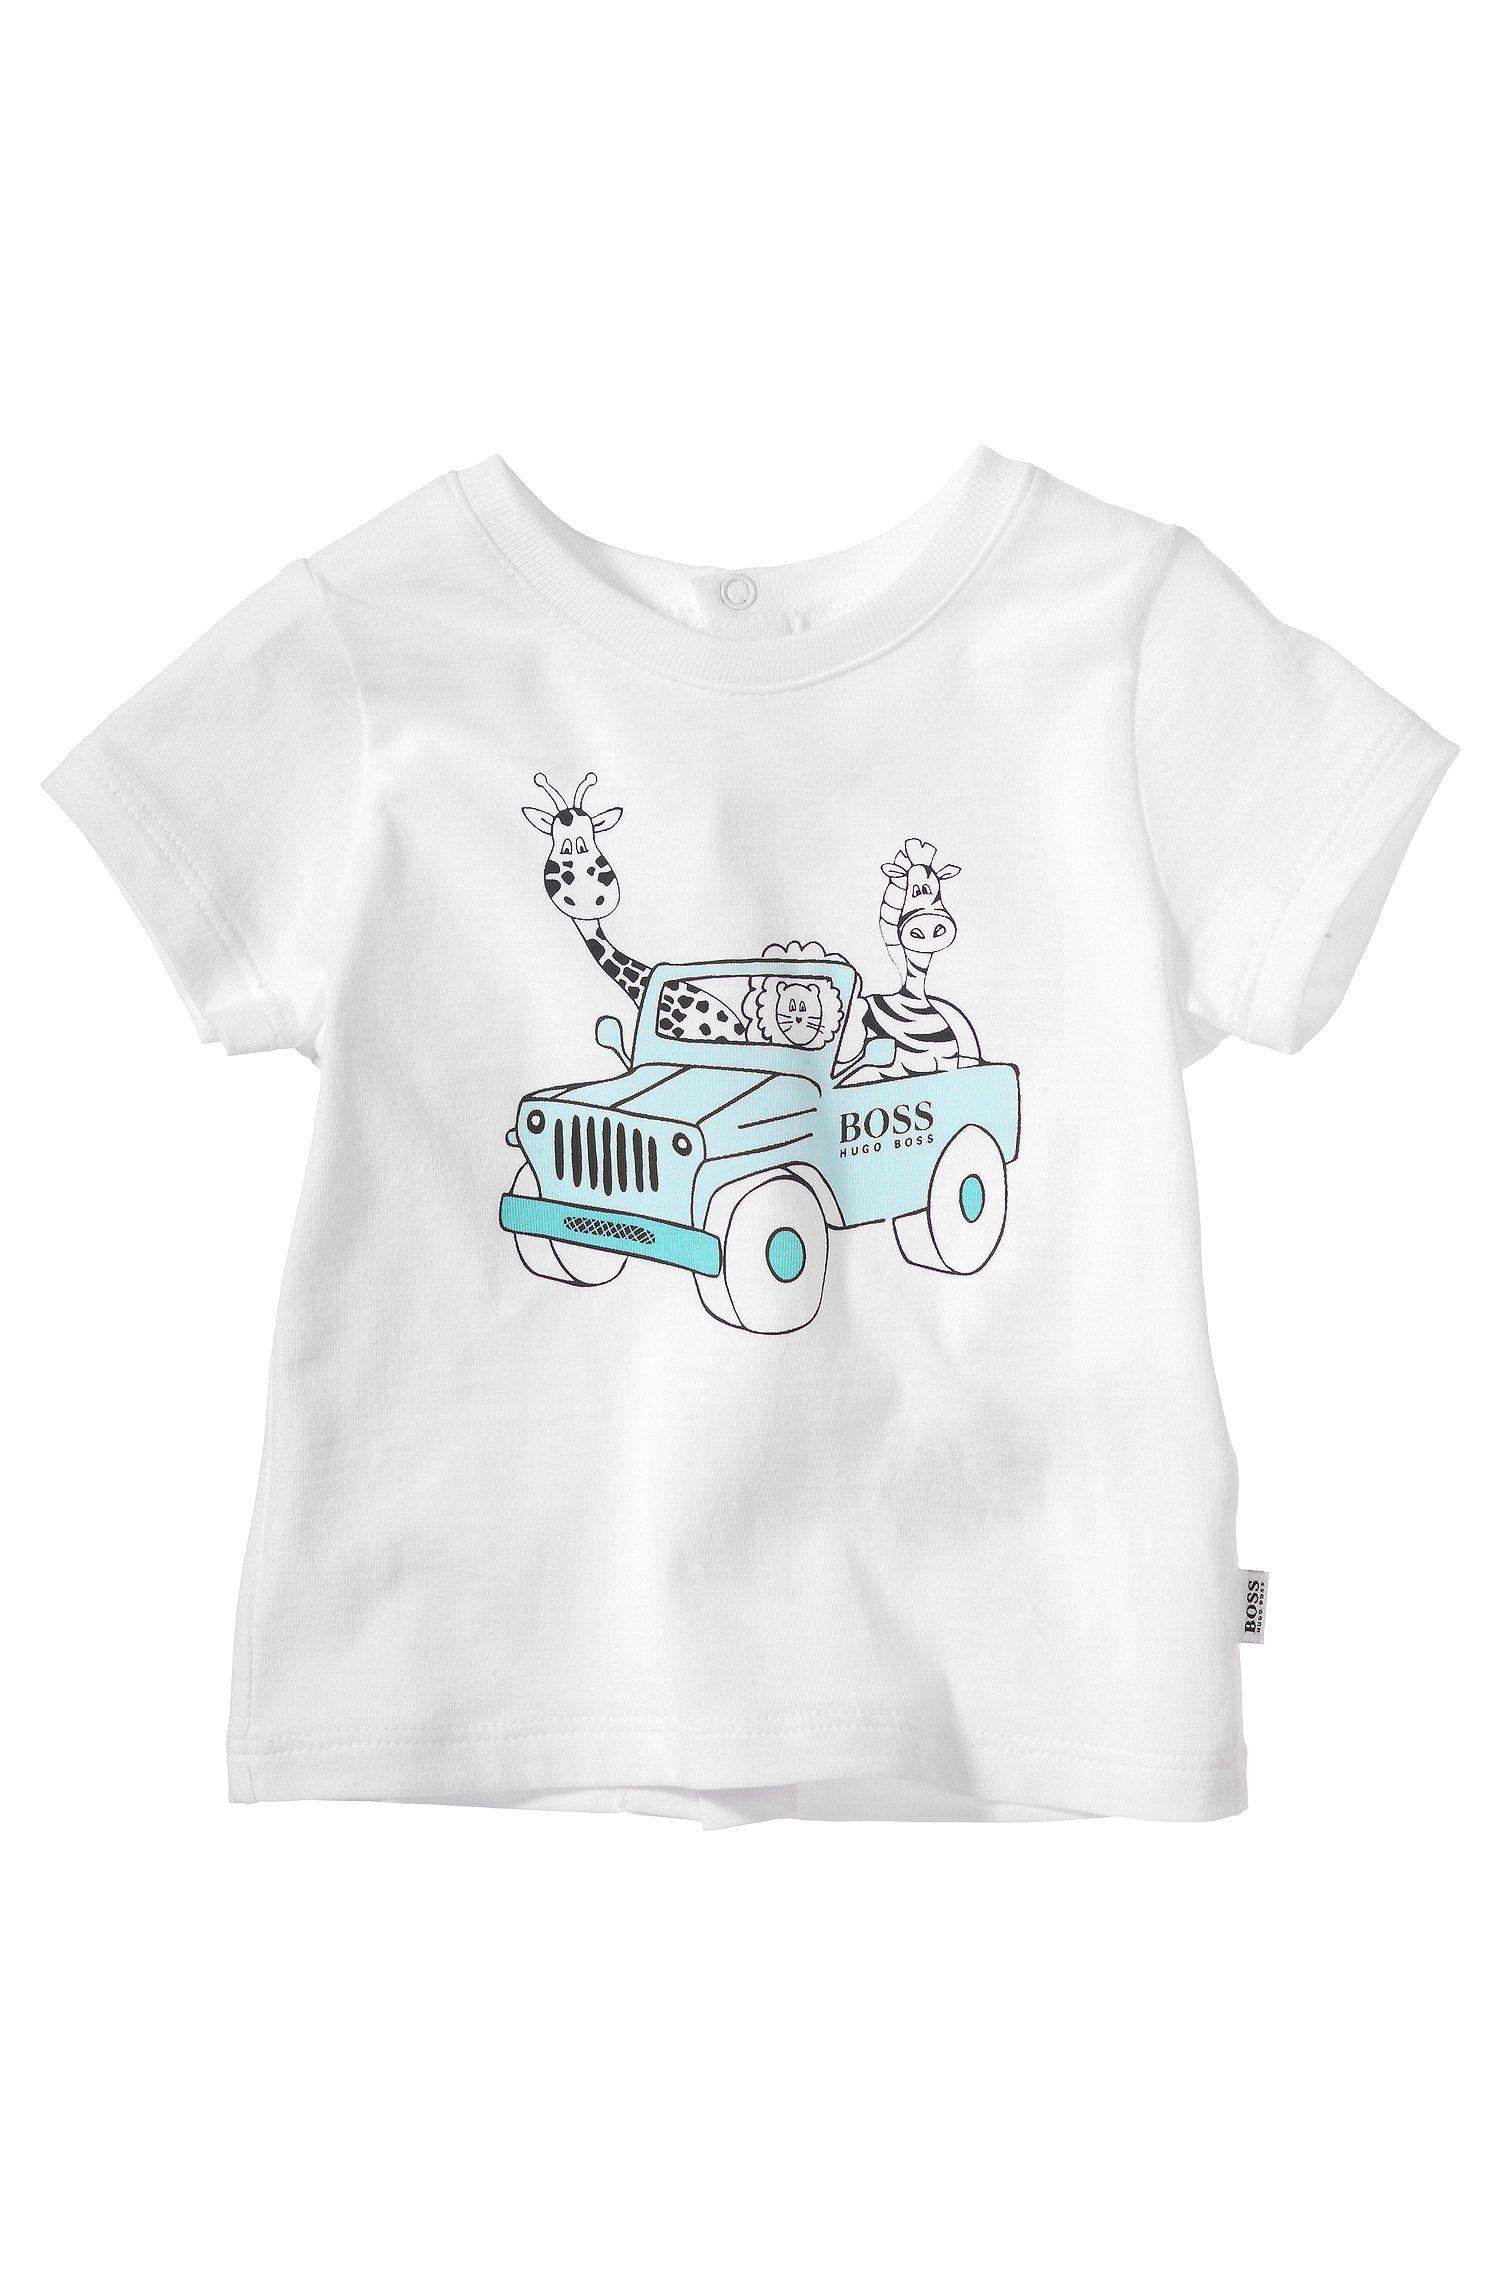 T-shirt pour enfants «J95146» en coton